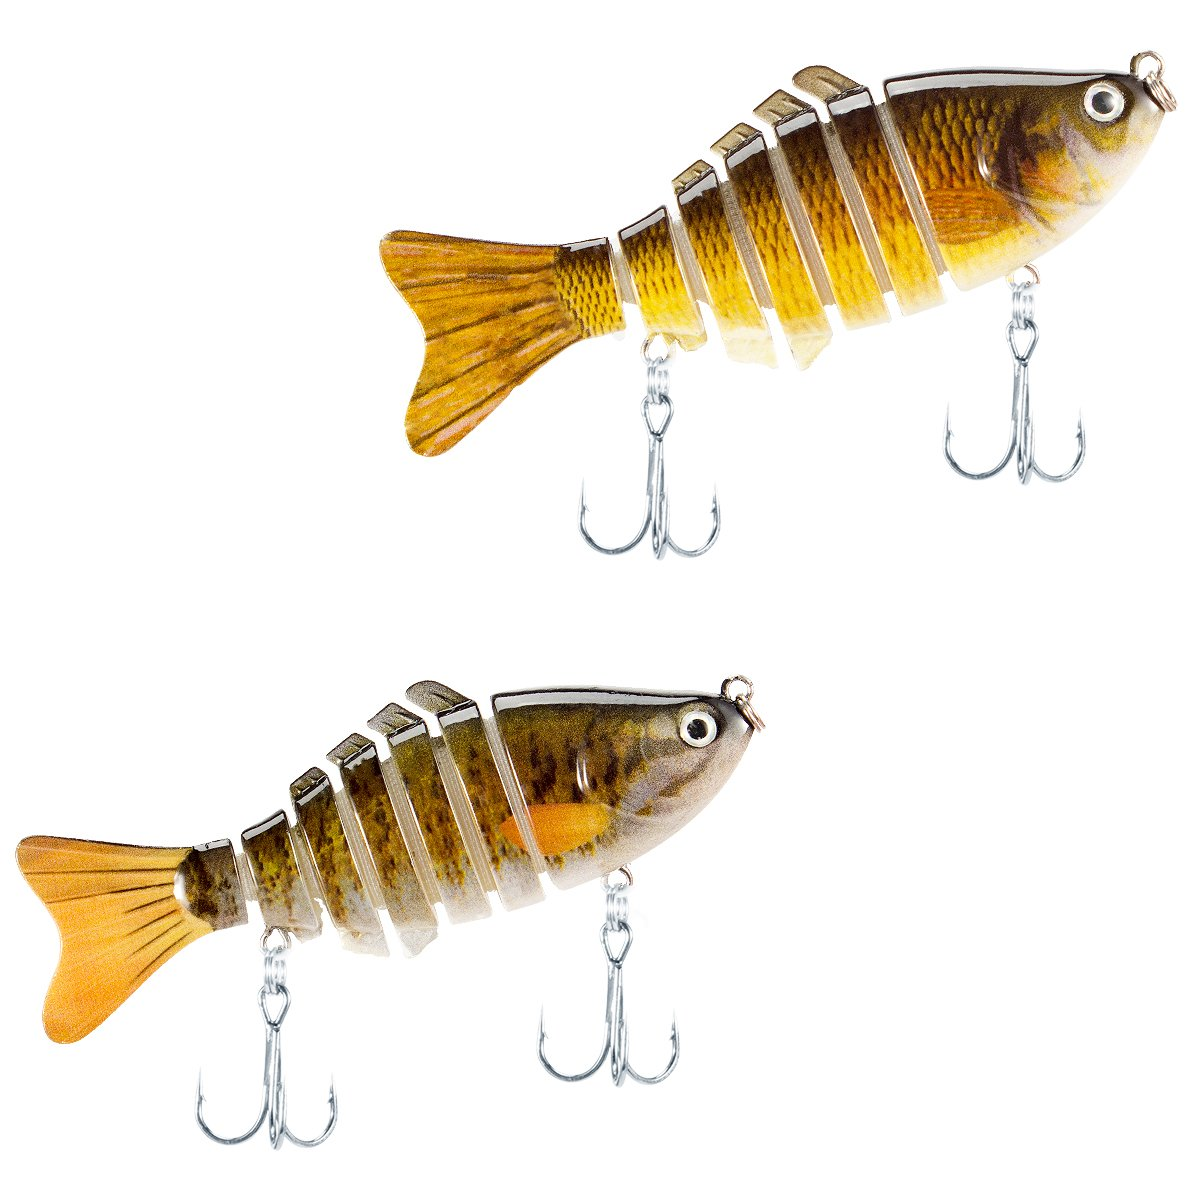 PAMASE 2 paquetes de cebos de señuelo de pesca – 3,9 pulgadas Multi unidos realistas de nadar duro artificial de agua salada y agua dulce para bajos, trucha